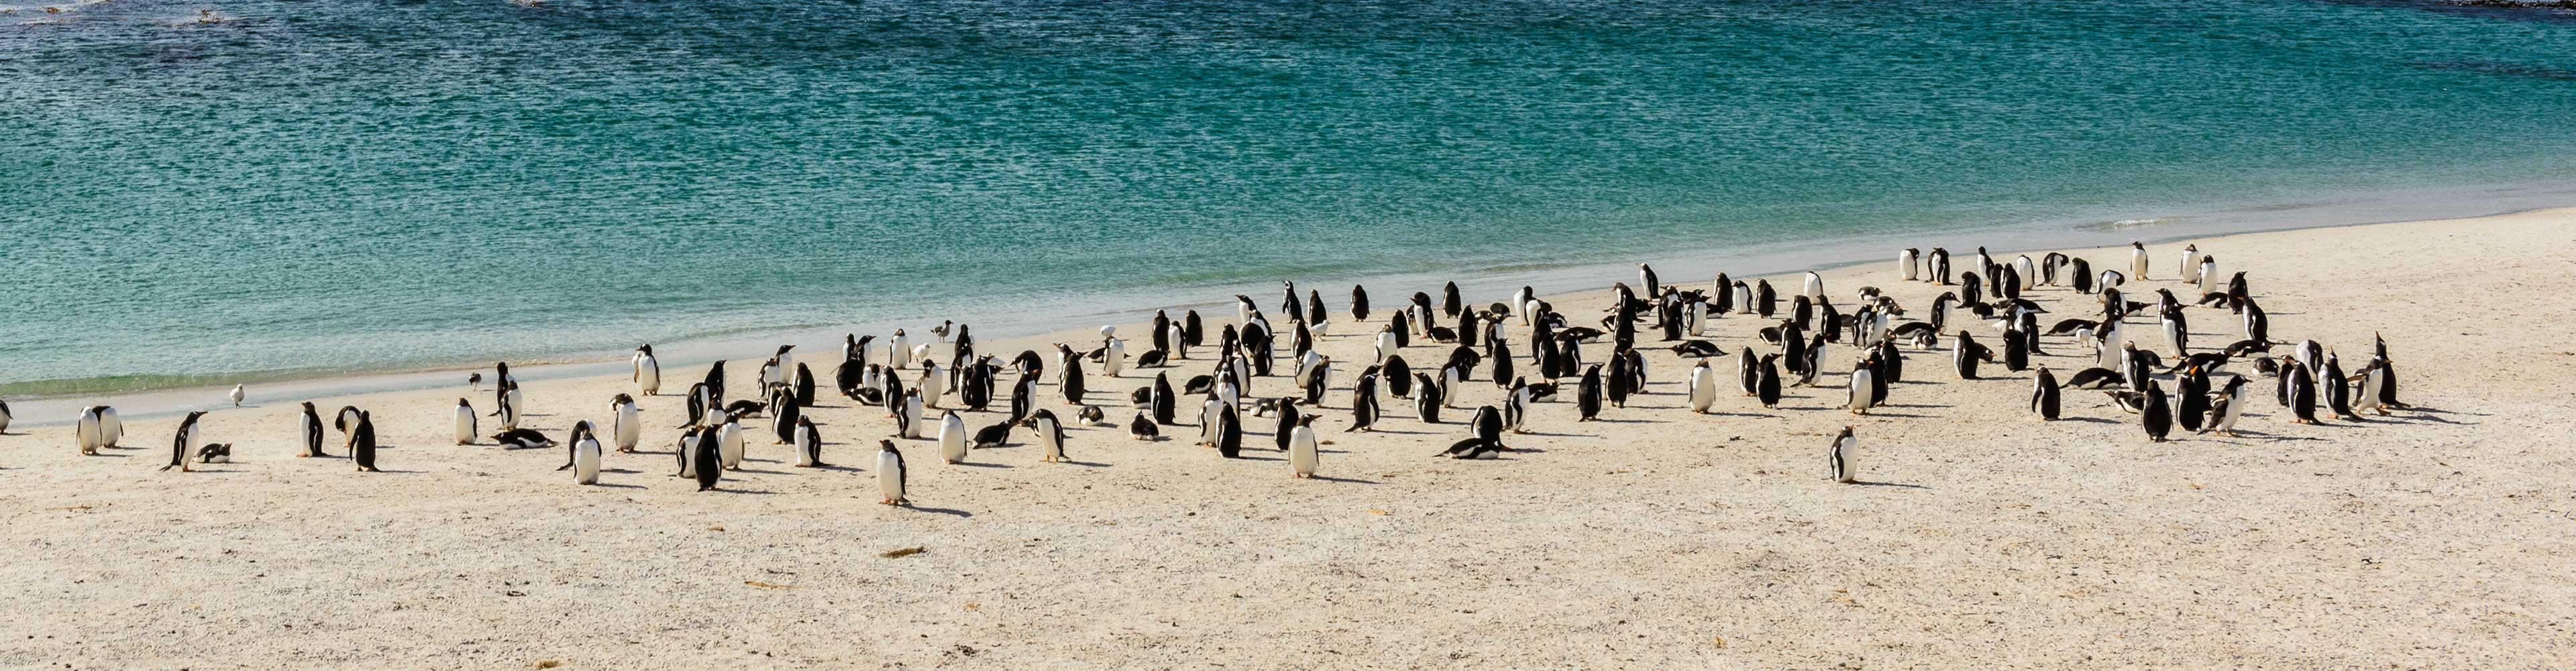 Falkland Islands Discovery